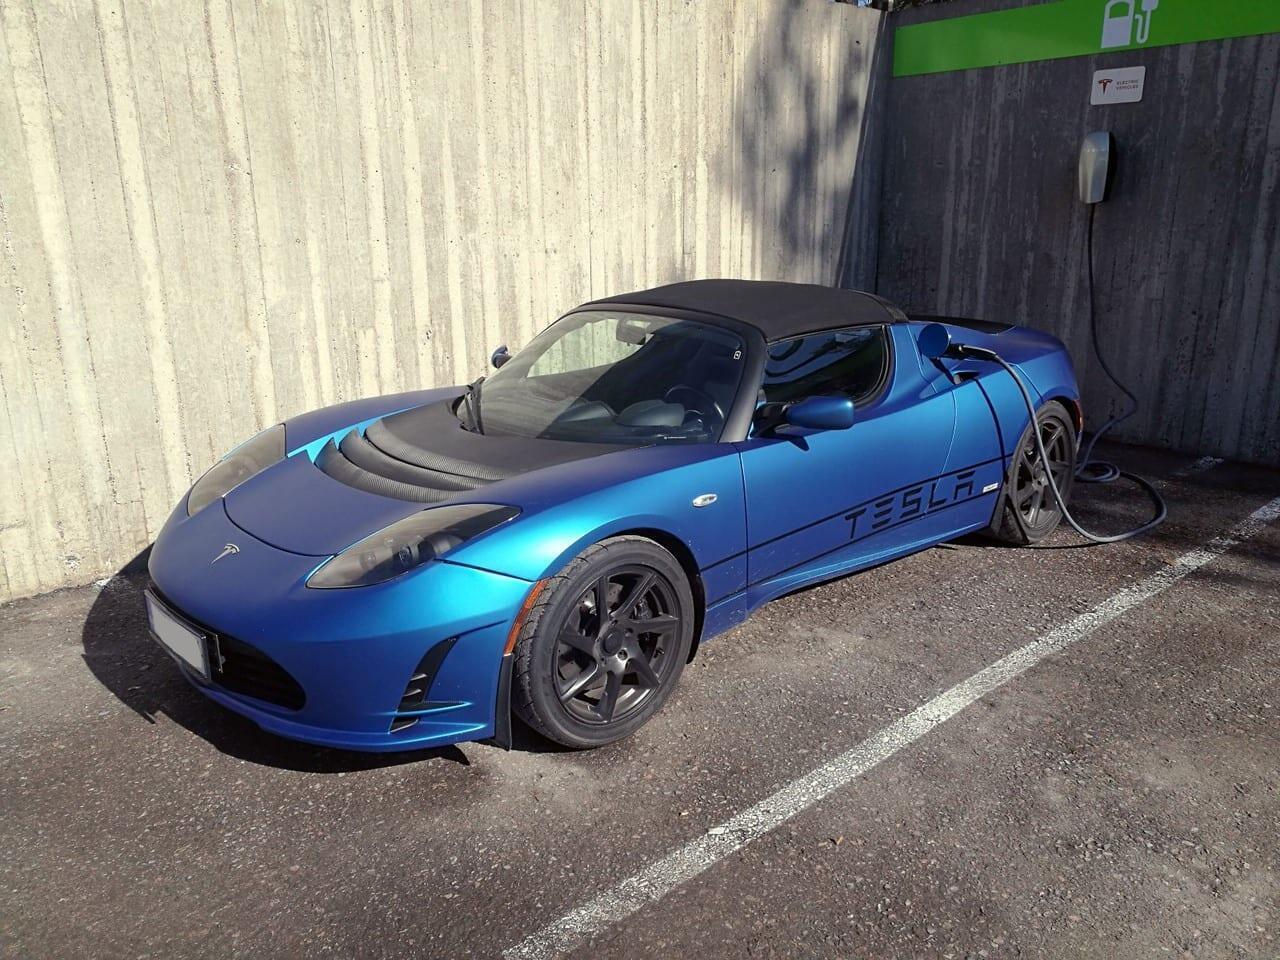 Jokamies Tesla Roadster